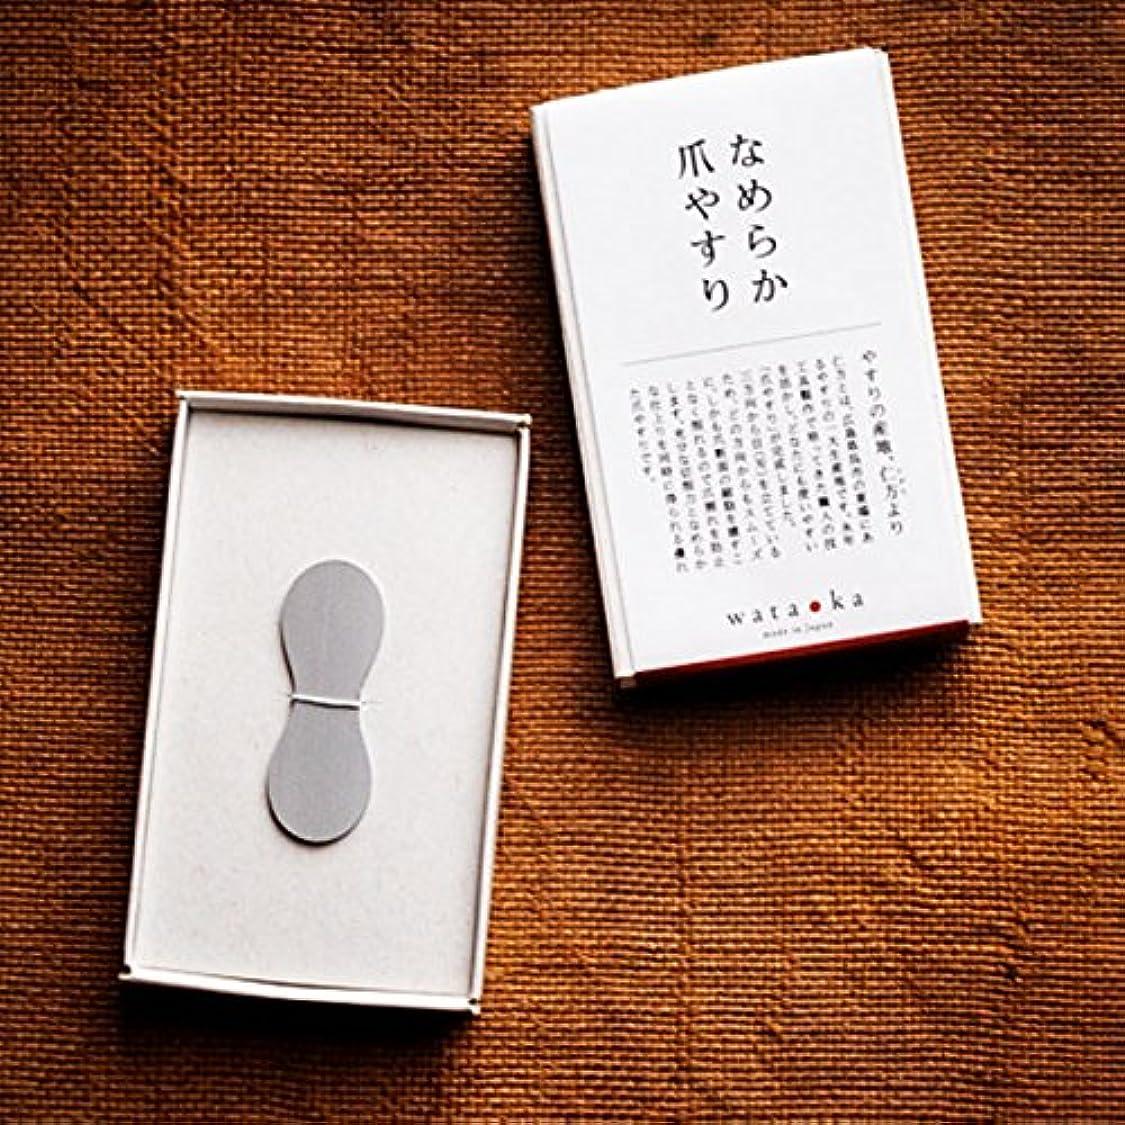 アルバム中庭ご近所wataoka 鑢のワタオカ 爪やすり (専用パッケージ入り)